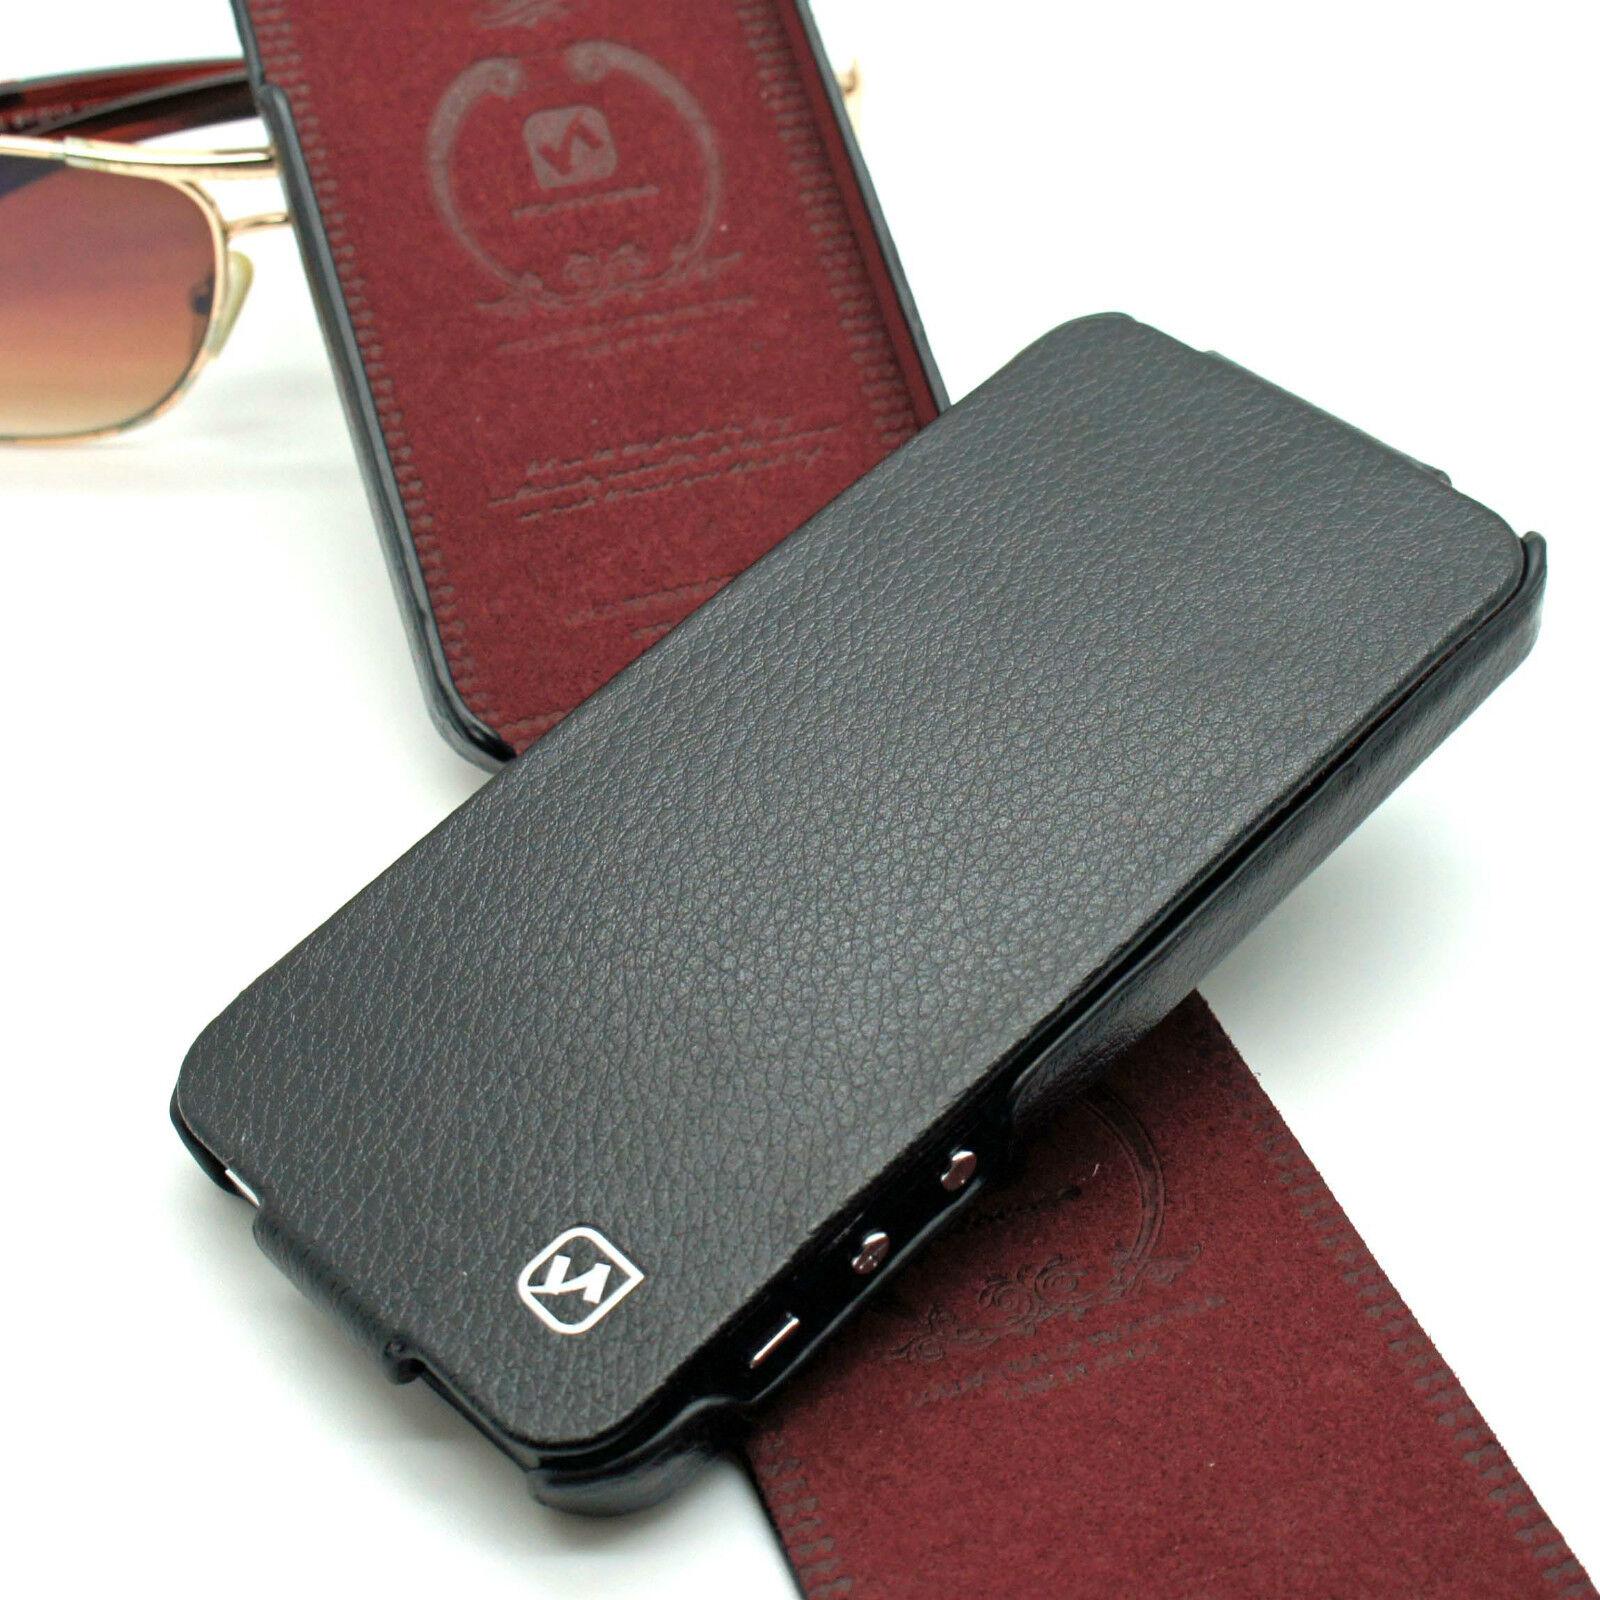 f5c4a92ef81f HOCO GENUINE PREMIUM LEATHER DESIGNER FLIP CASE FOR APPLE IPHONE 5 5S   SE